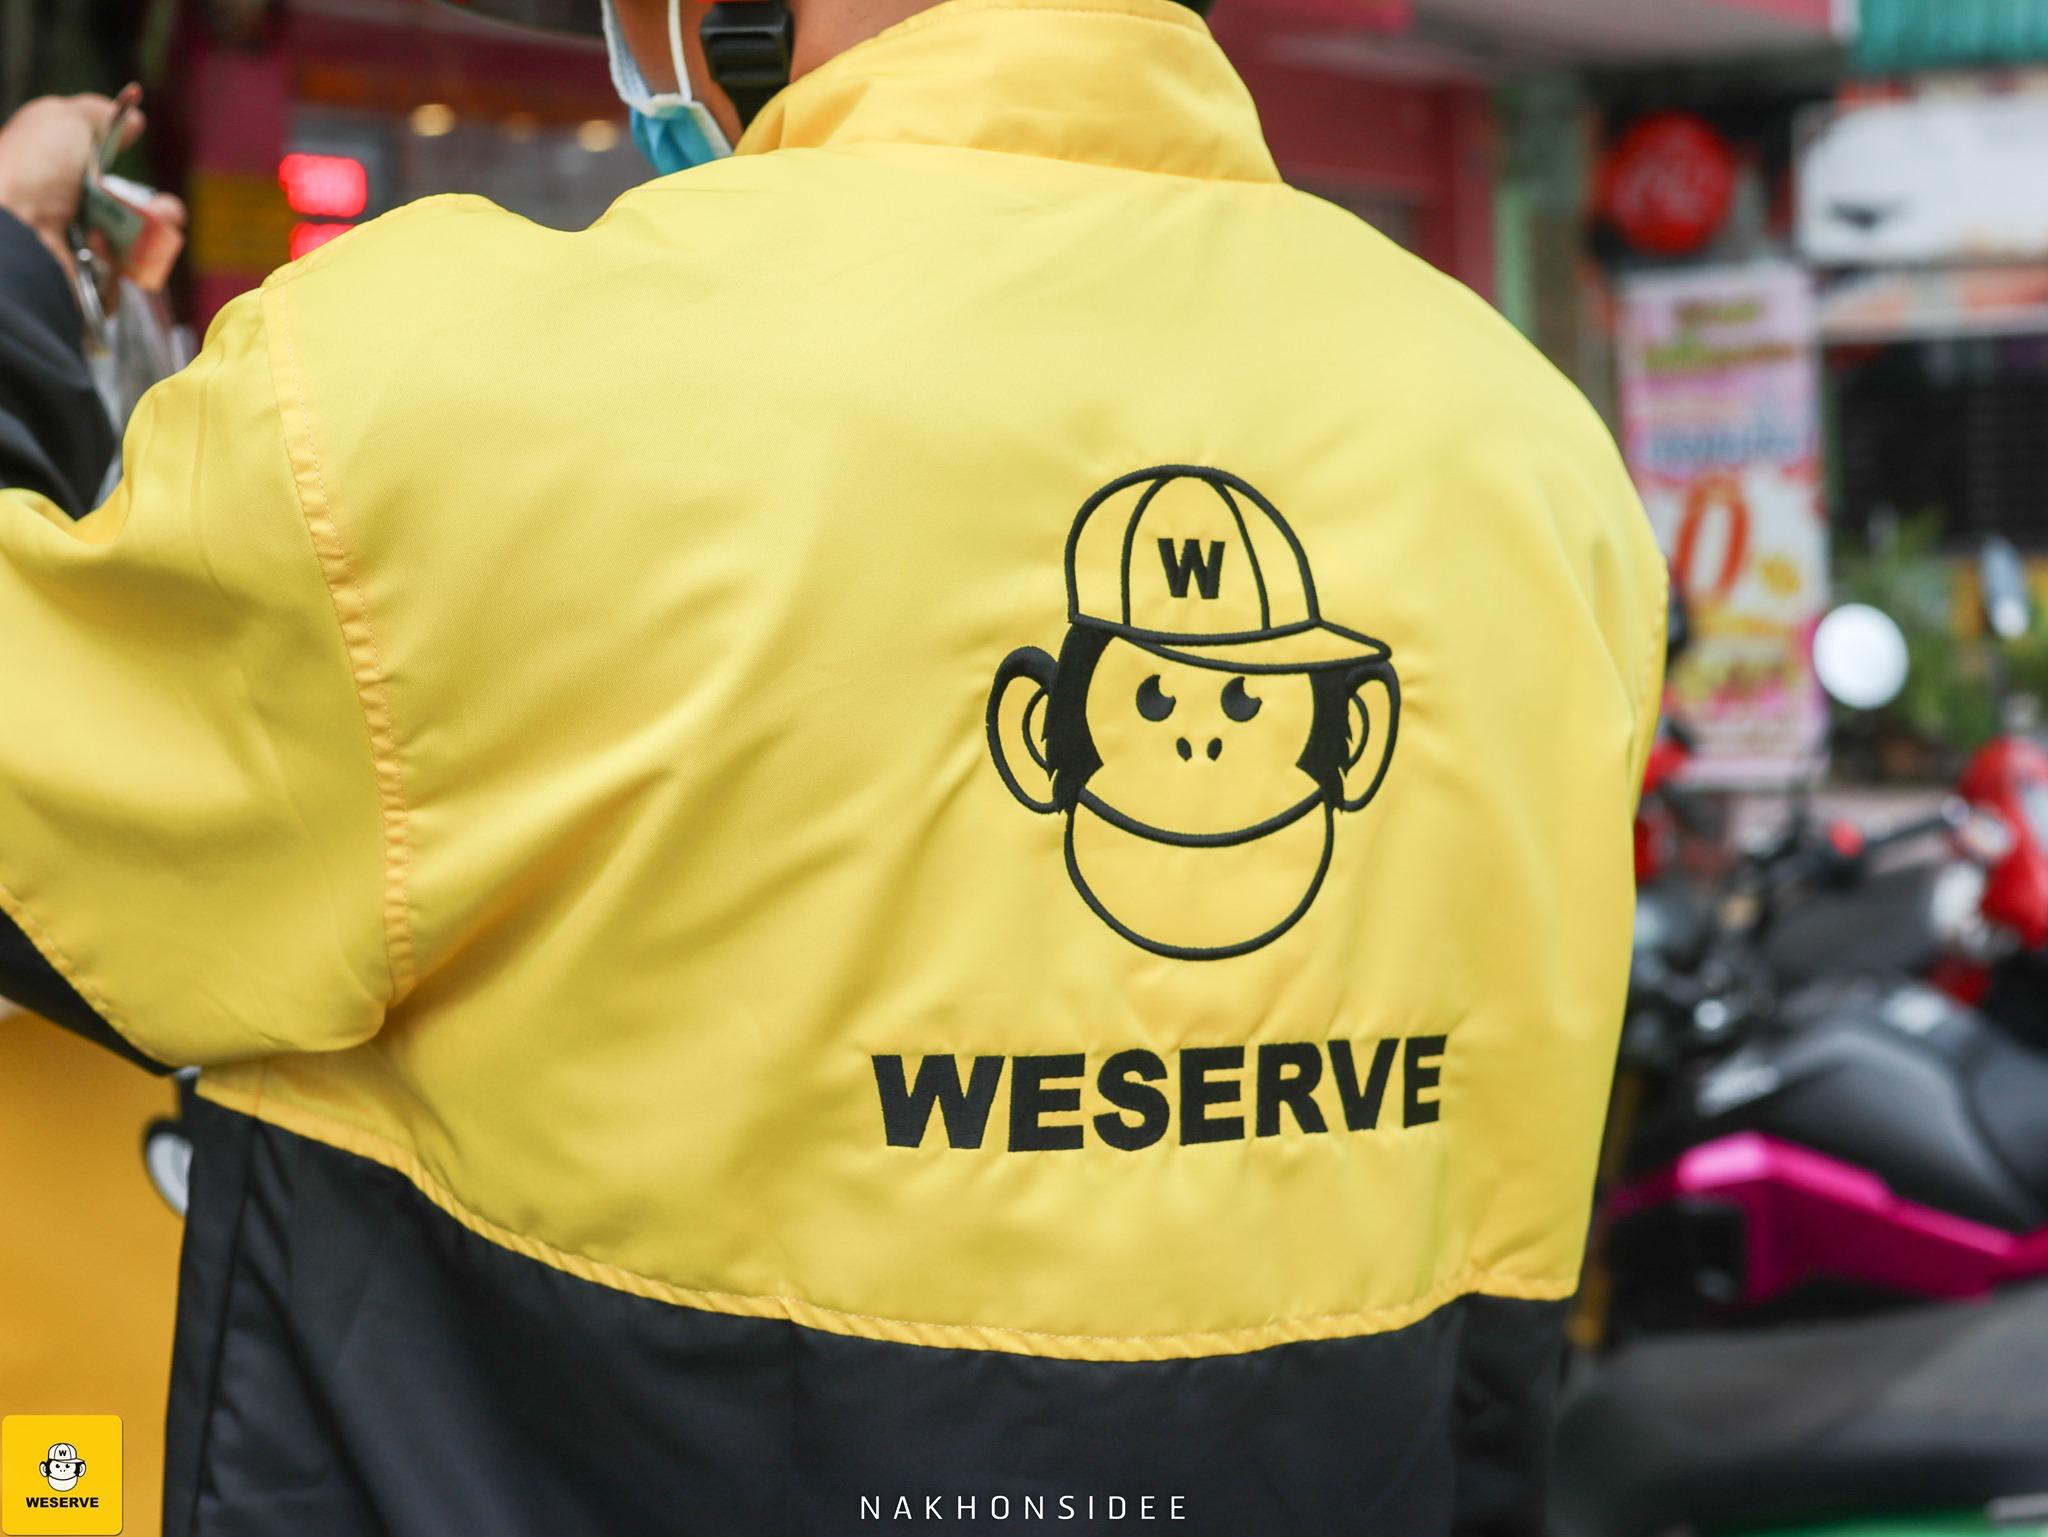 weserve,วีเสิร์ฟ